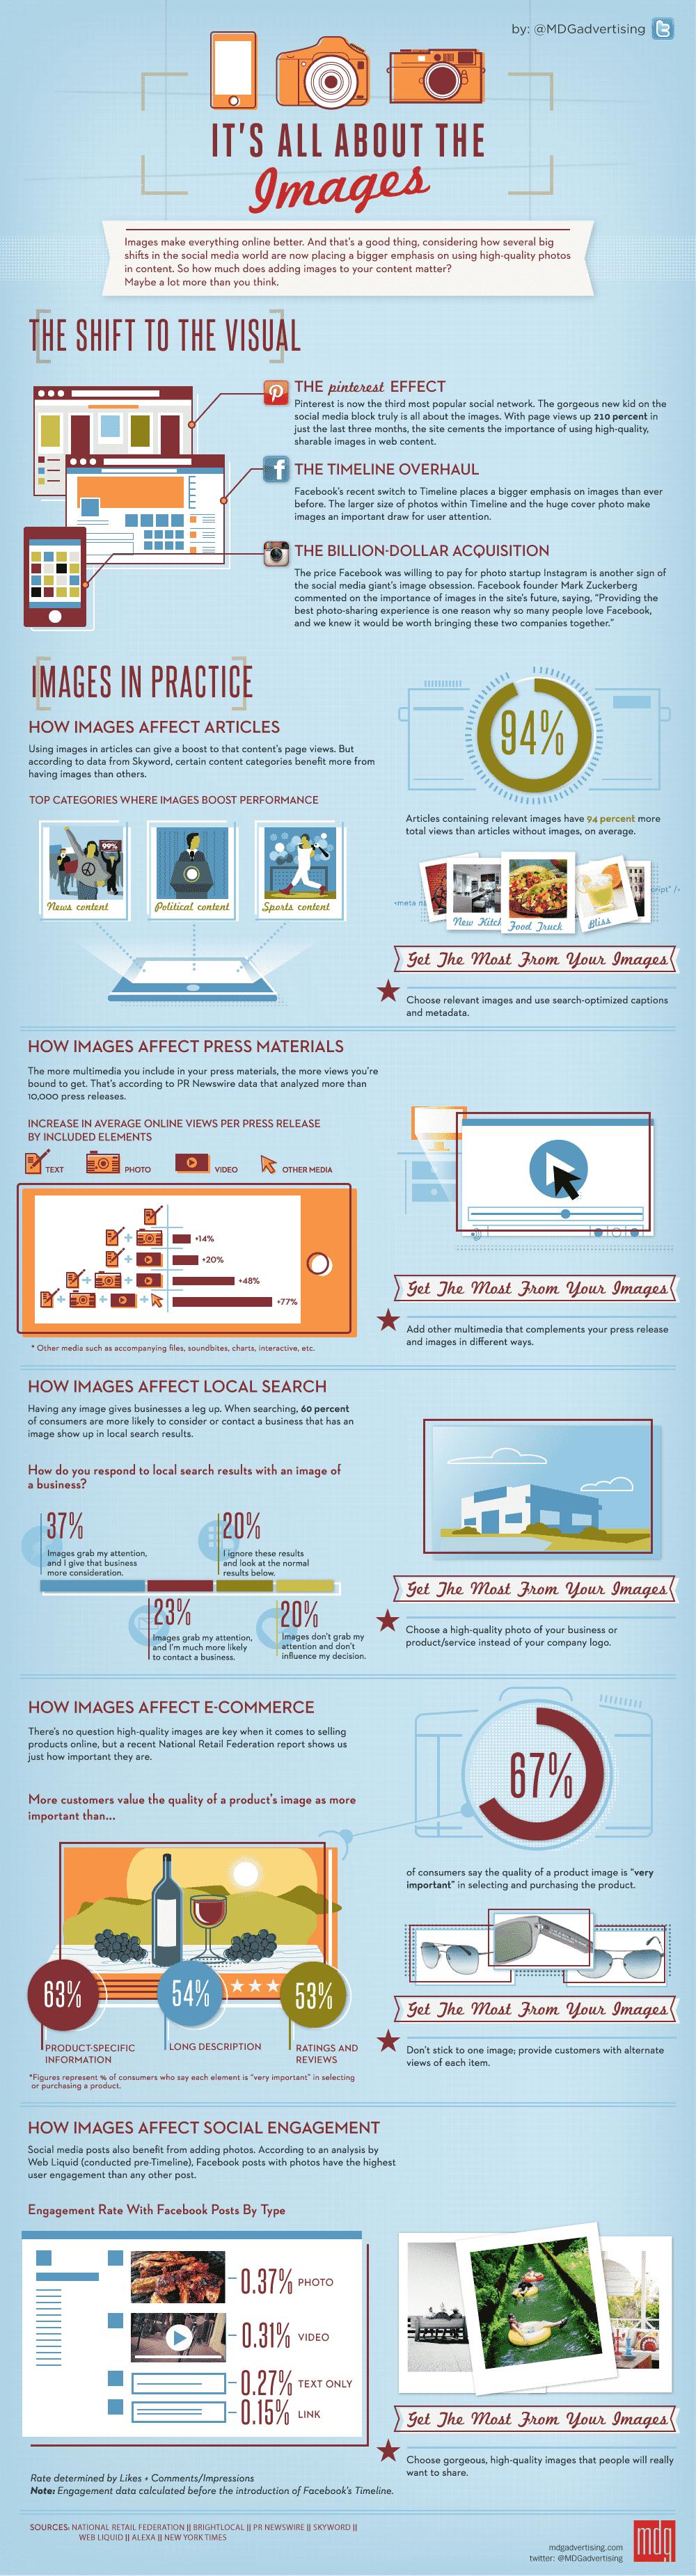 Infográfico sobre o poder das imagens